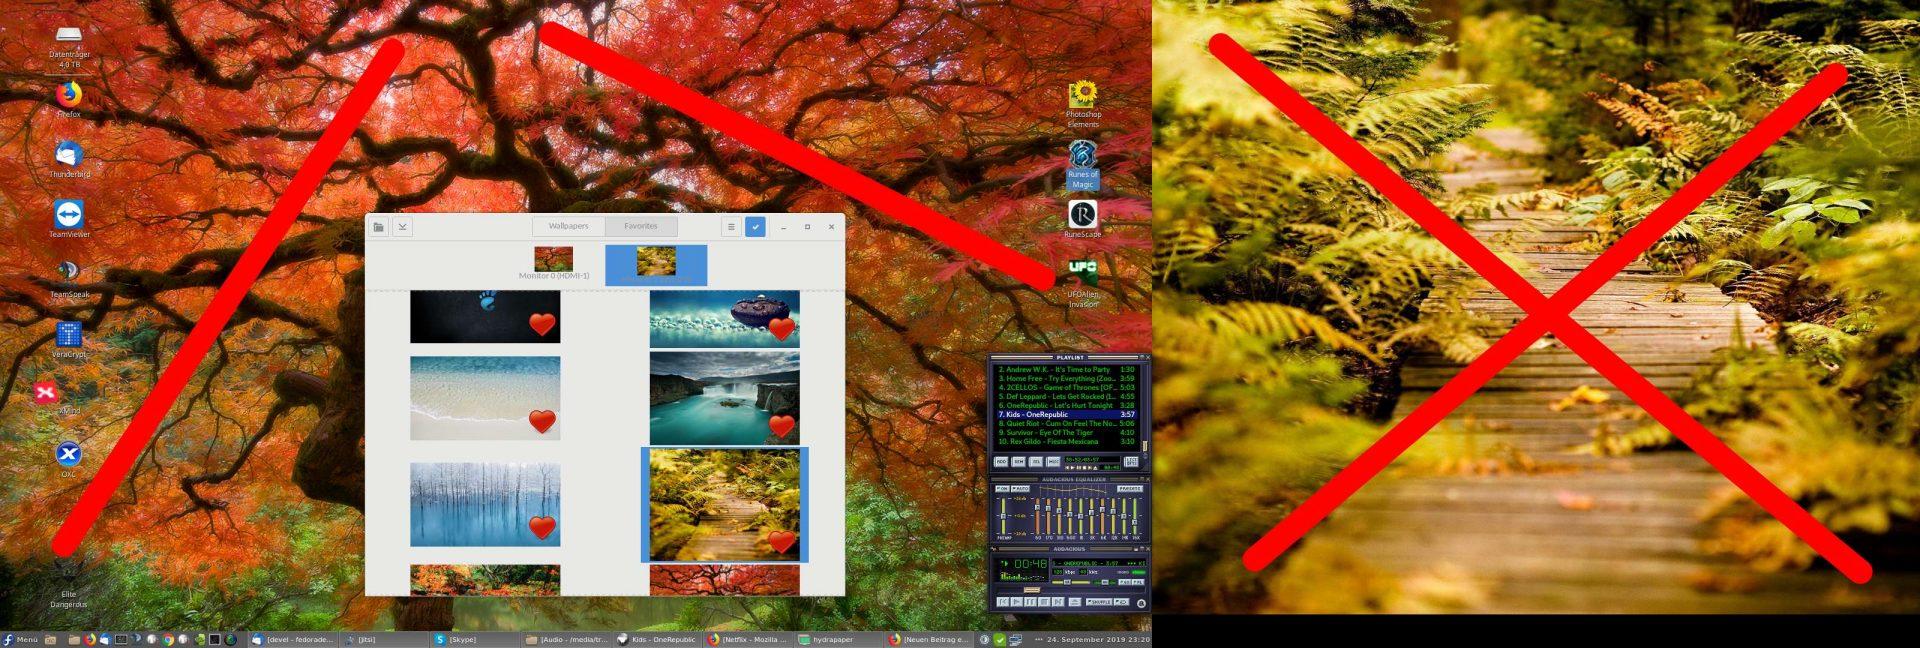 man sieht zwei verschiedene Hintergrundbilder und die Hydrapapers gui.